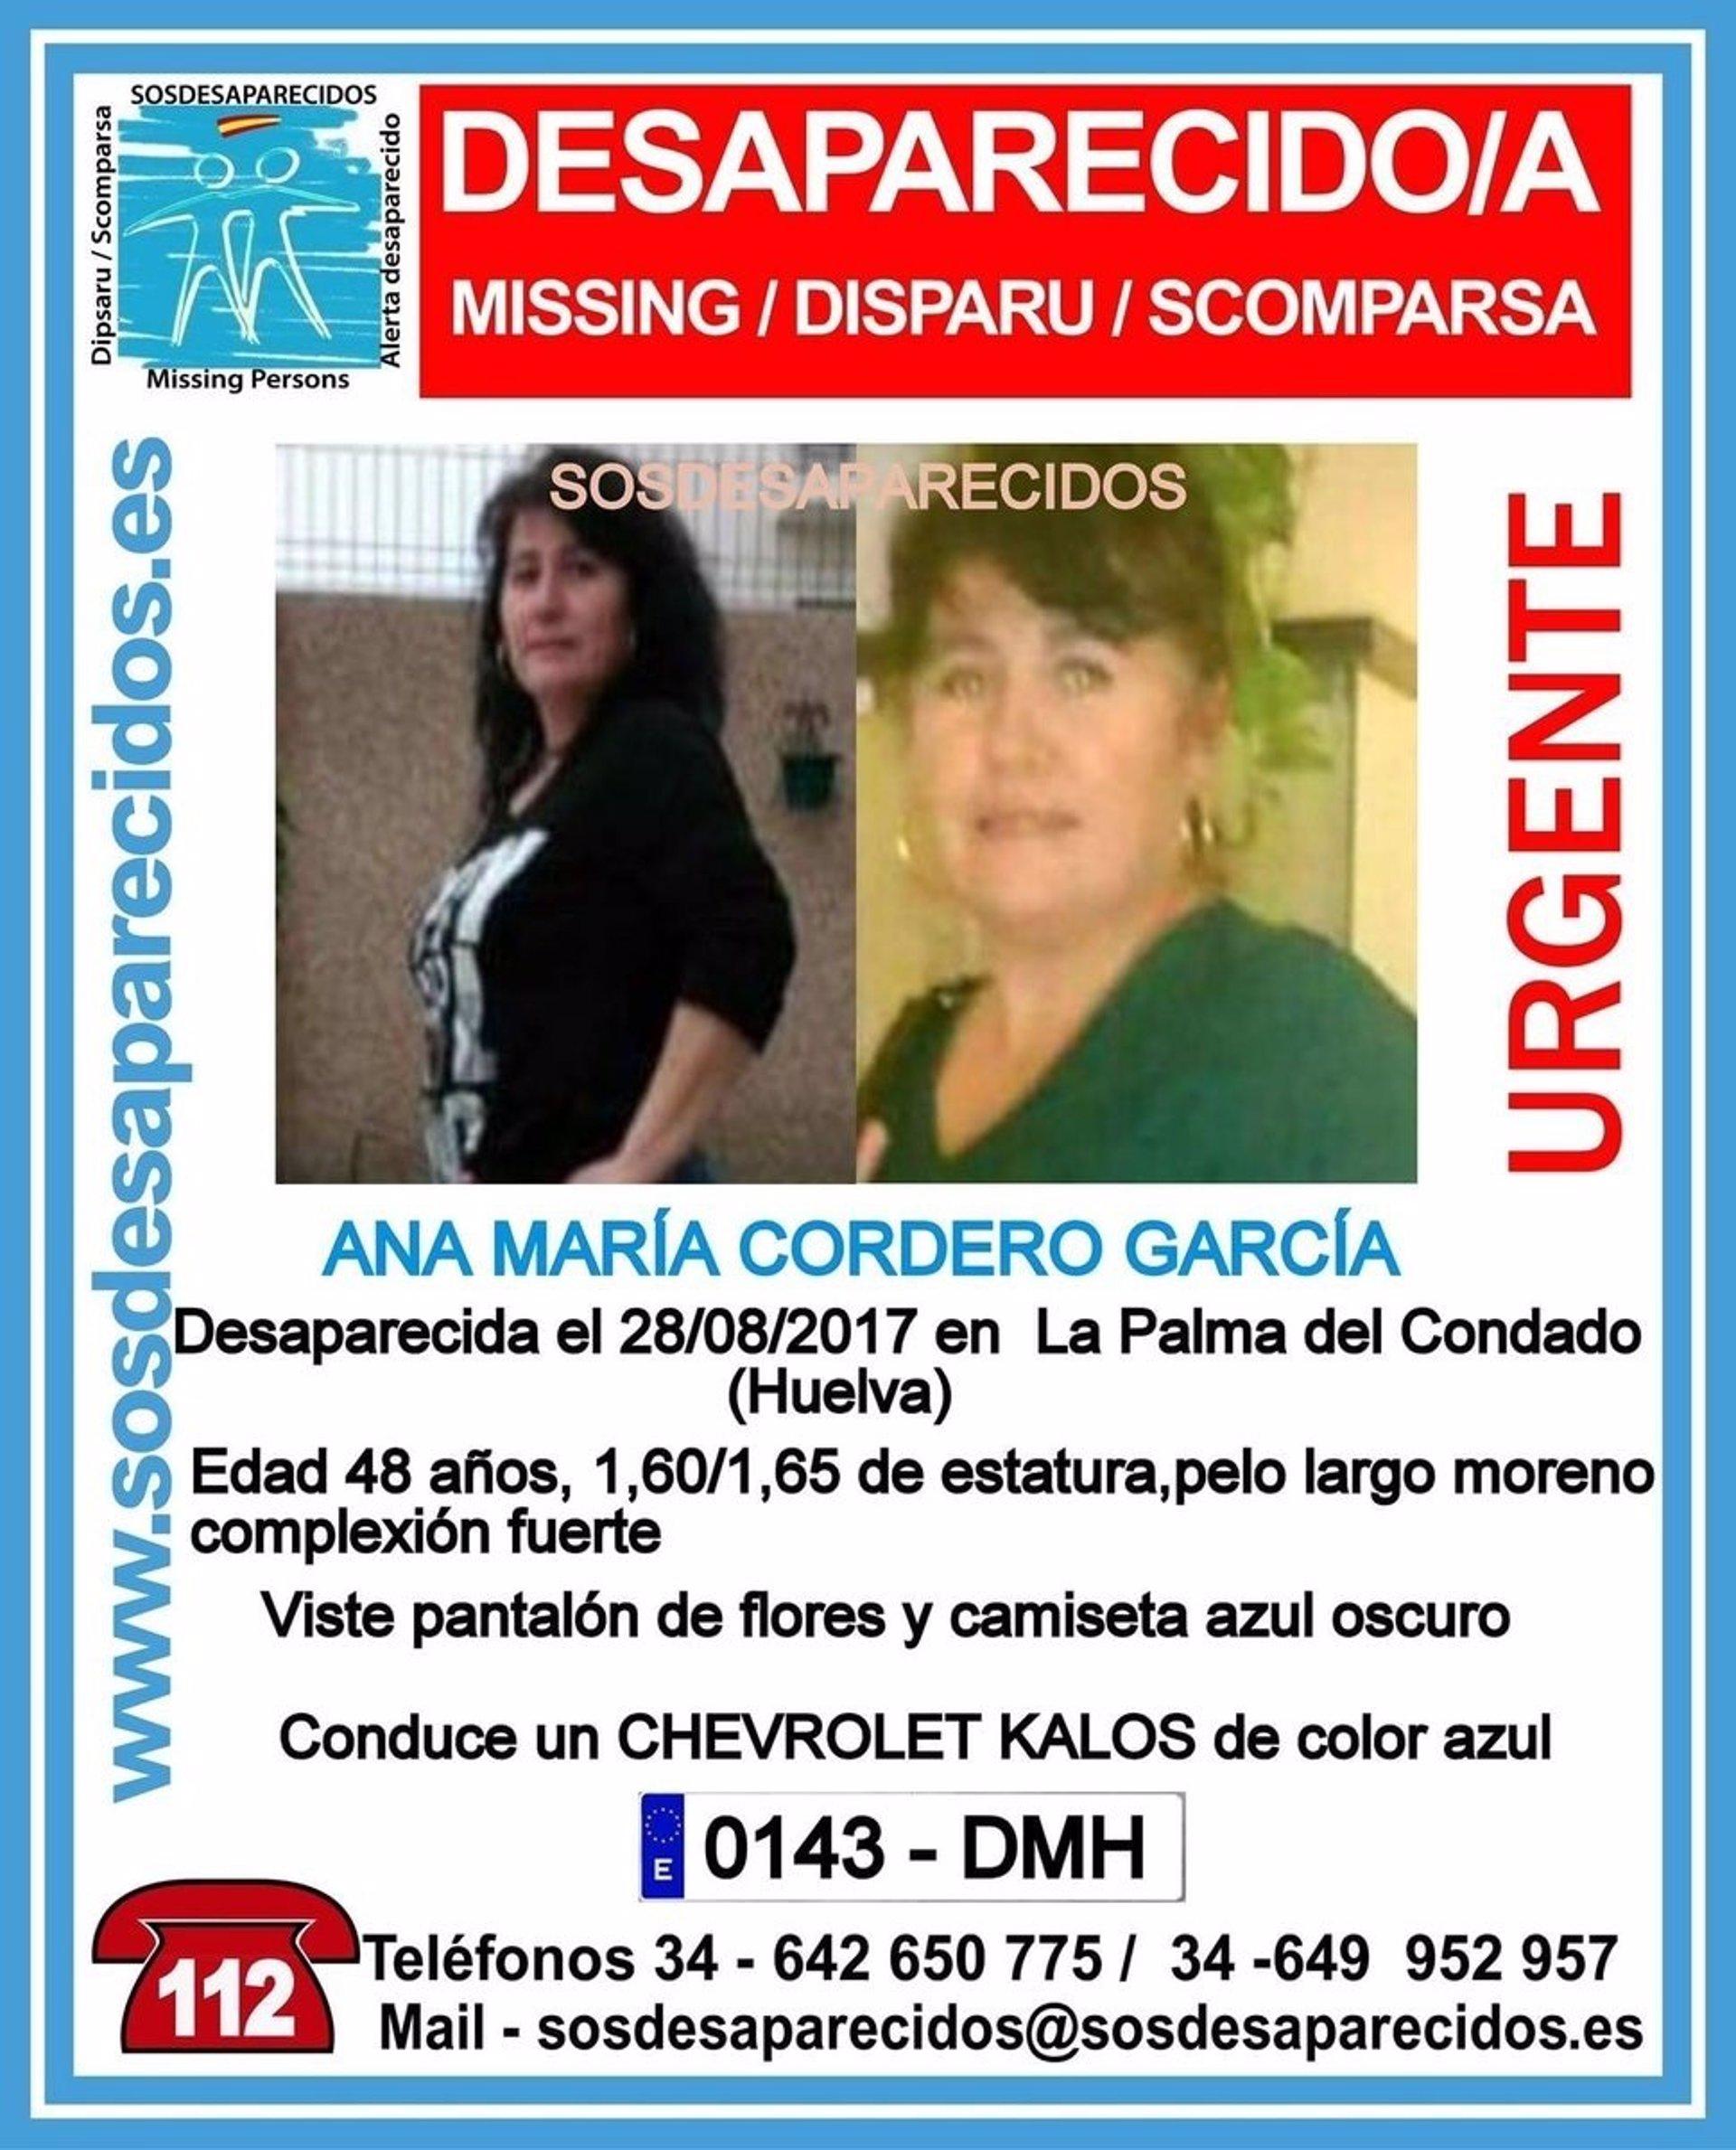 Buscan a una mujer de 48 años desaparecida de La Palma del Condado ...